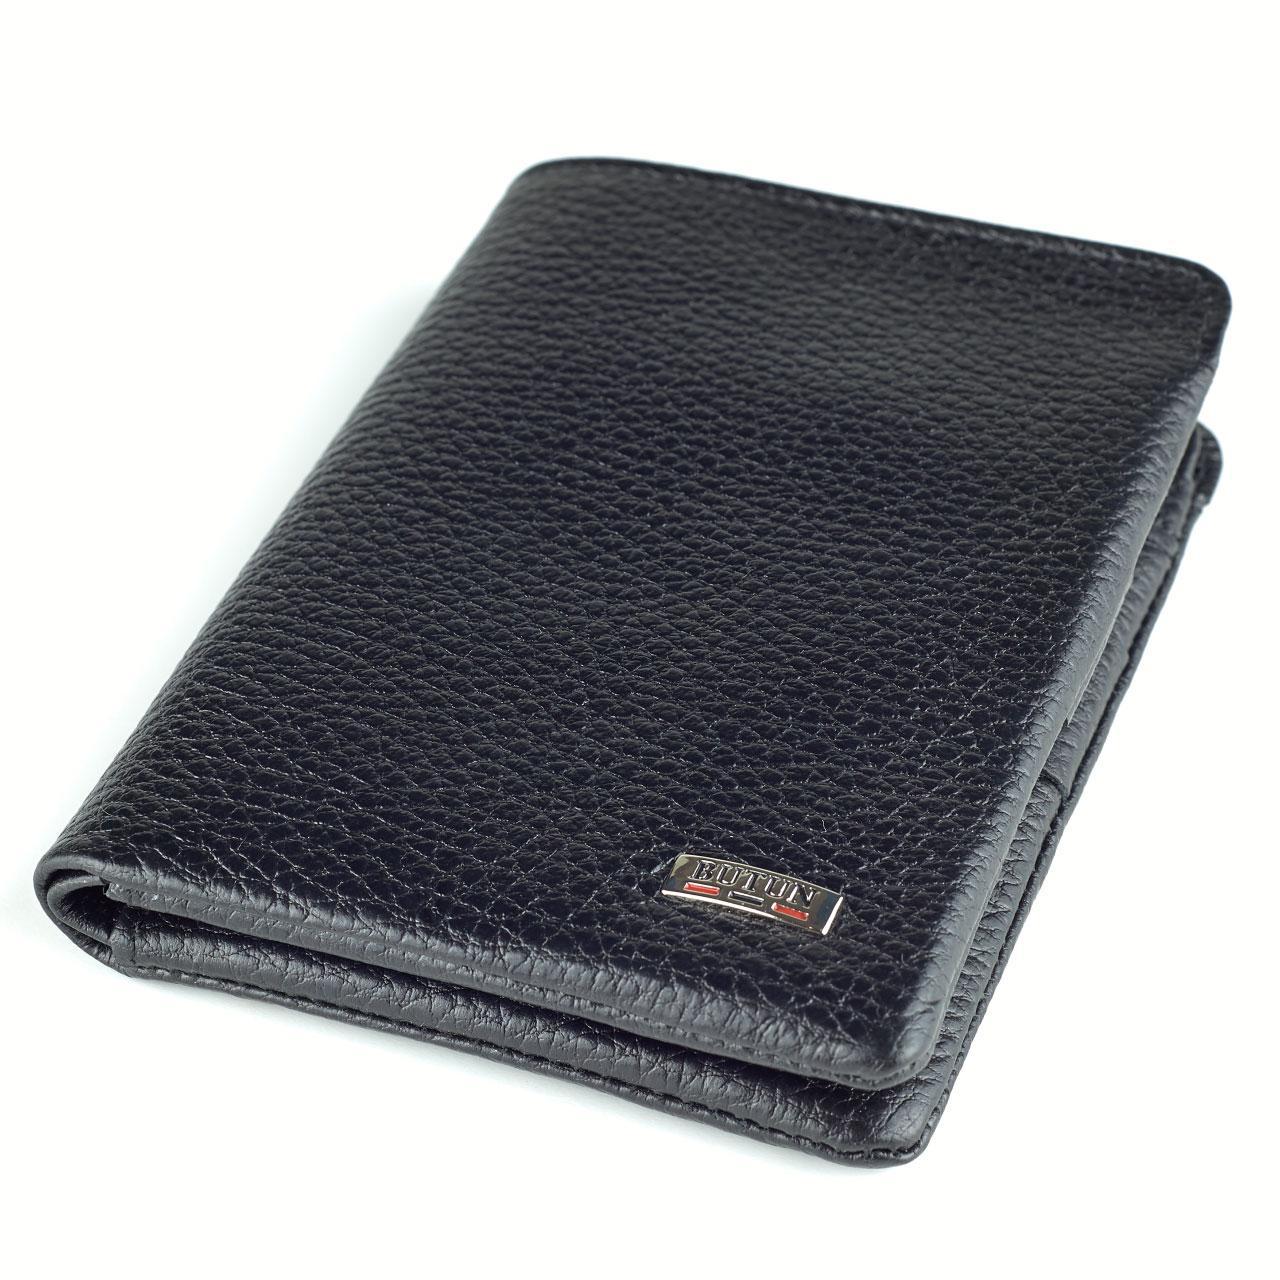 Мужской кошелек Butun 237-004-001 кожаный черный